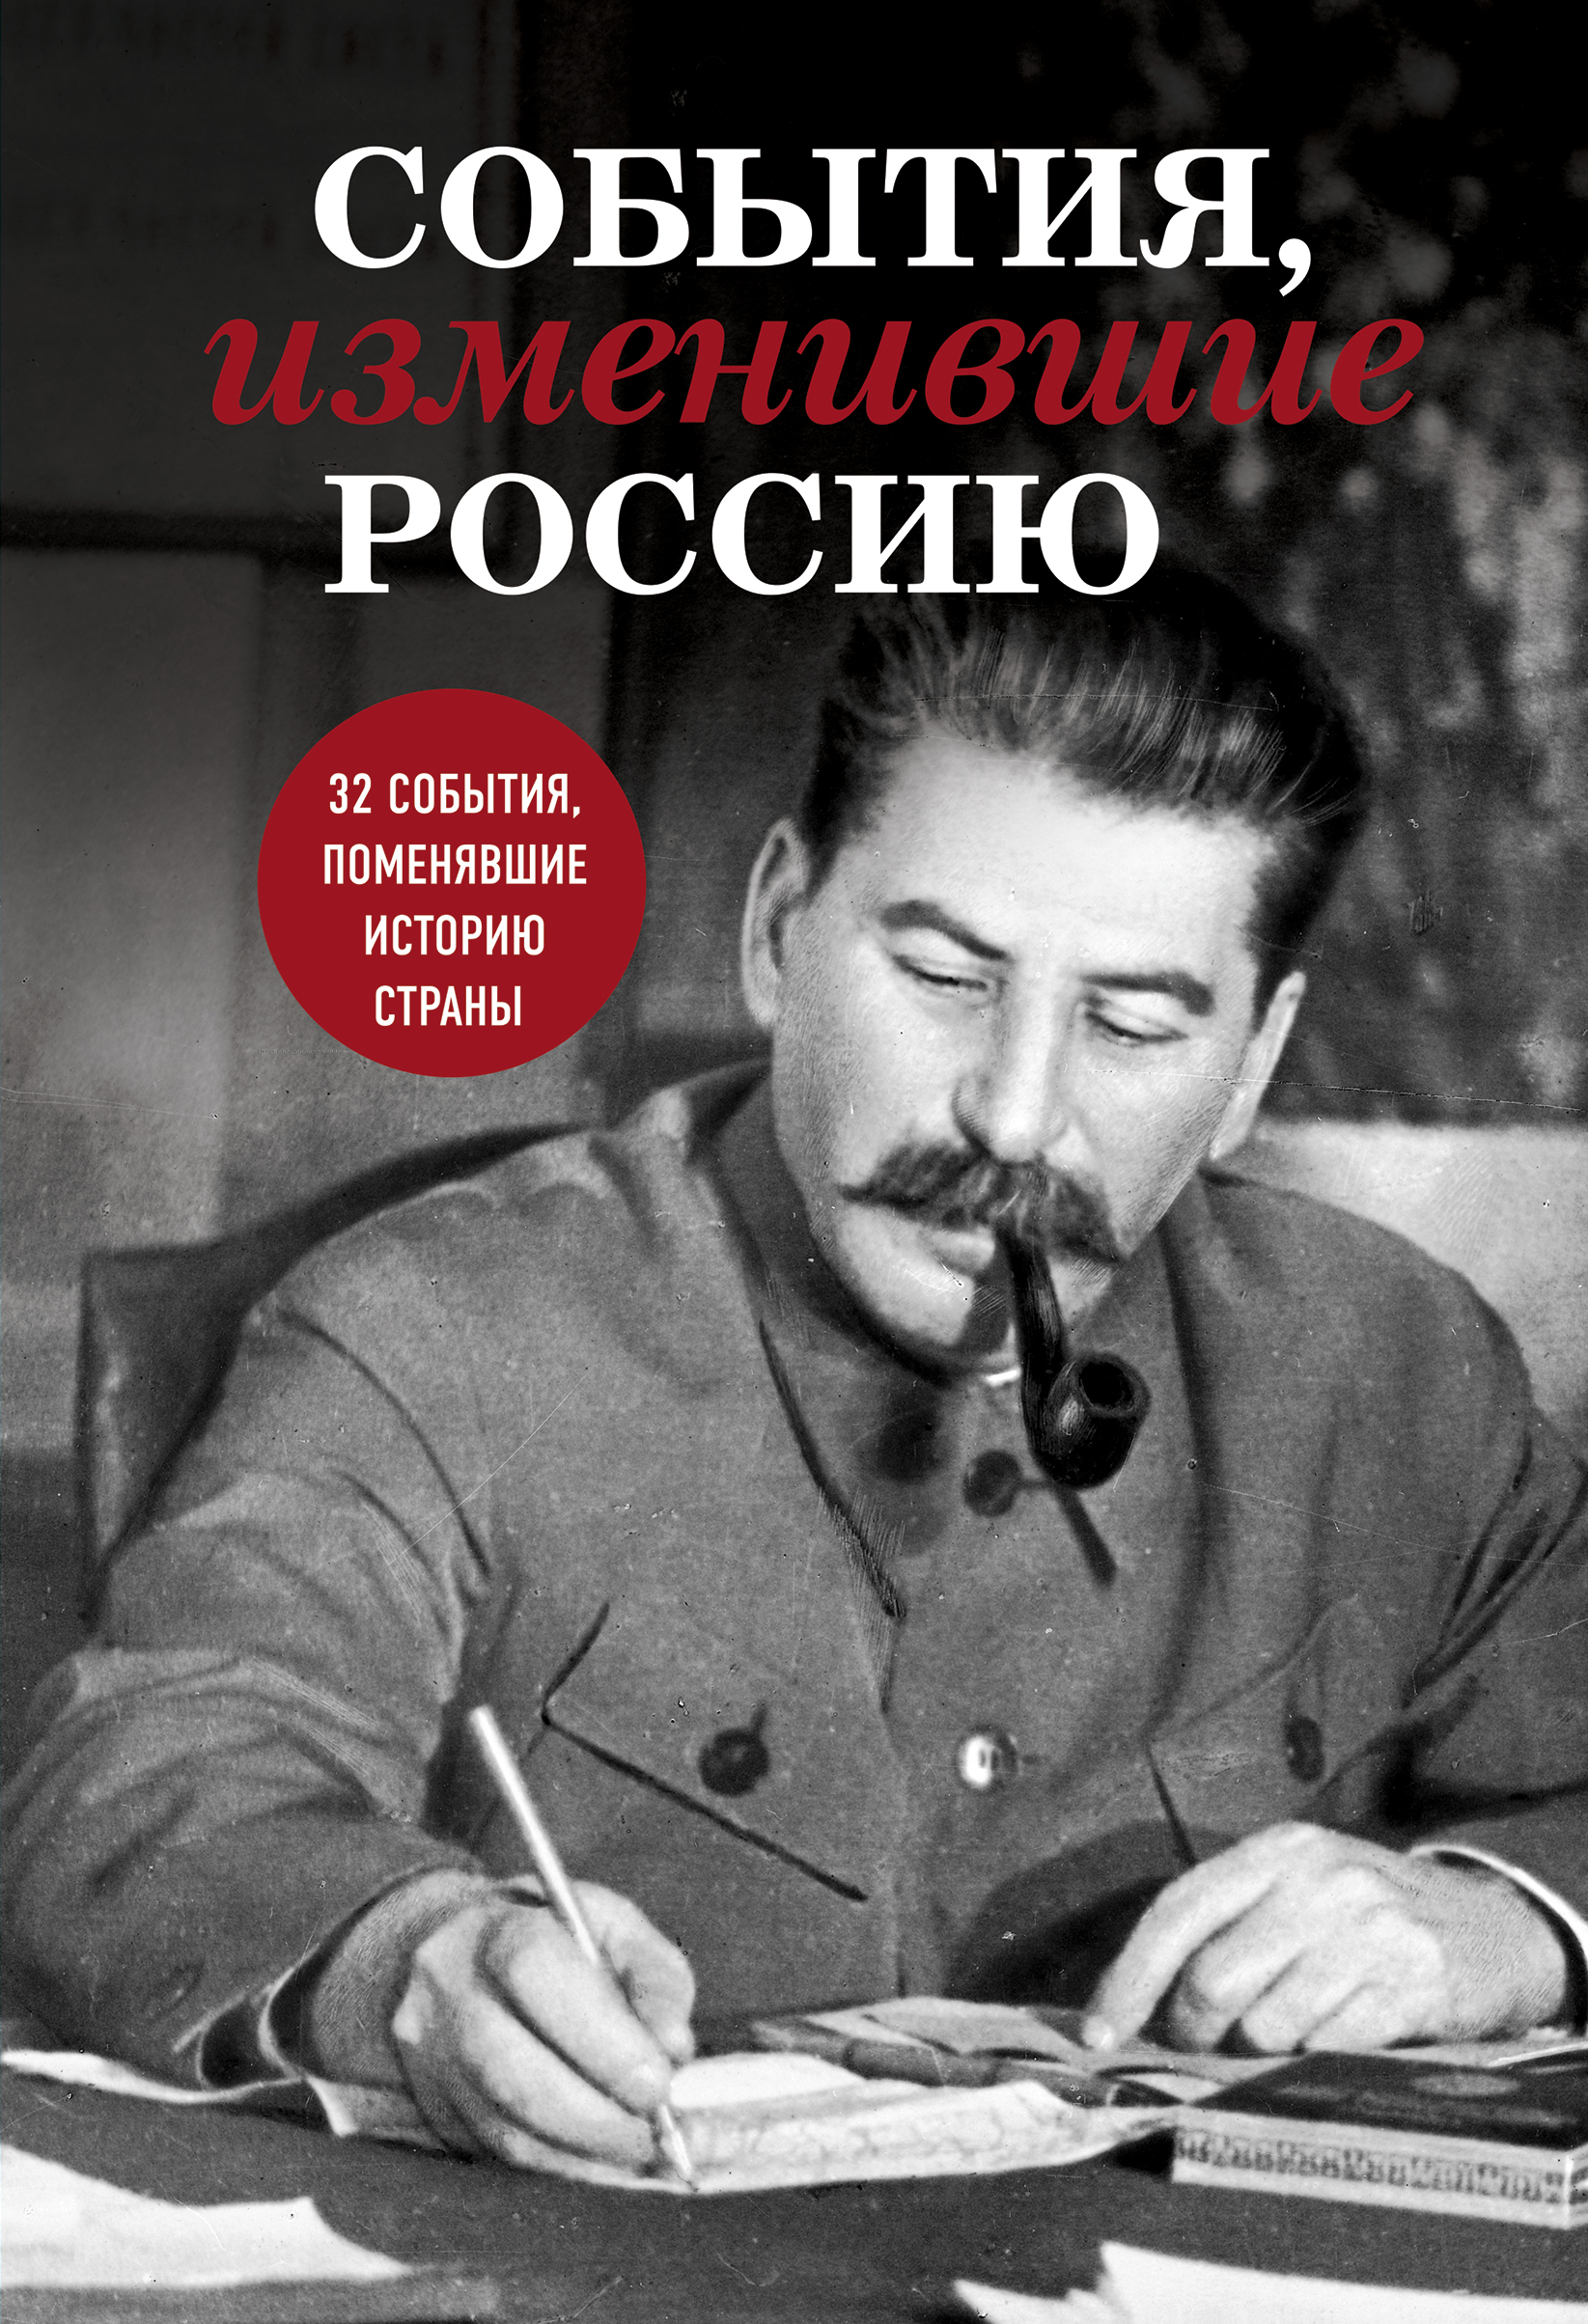 События, изменившие Россию (Сталин)